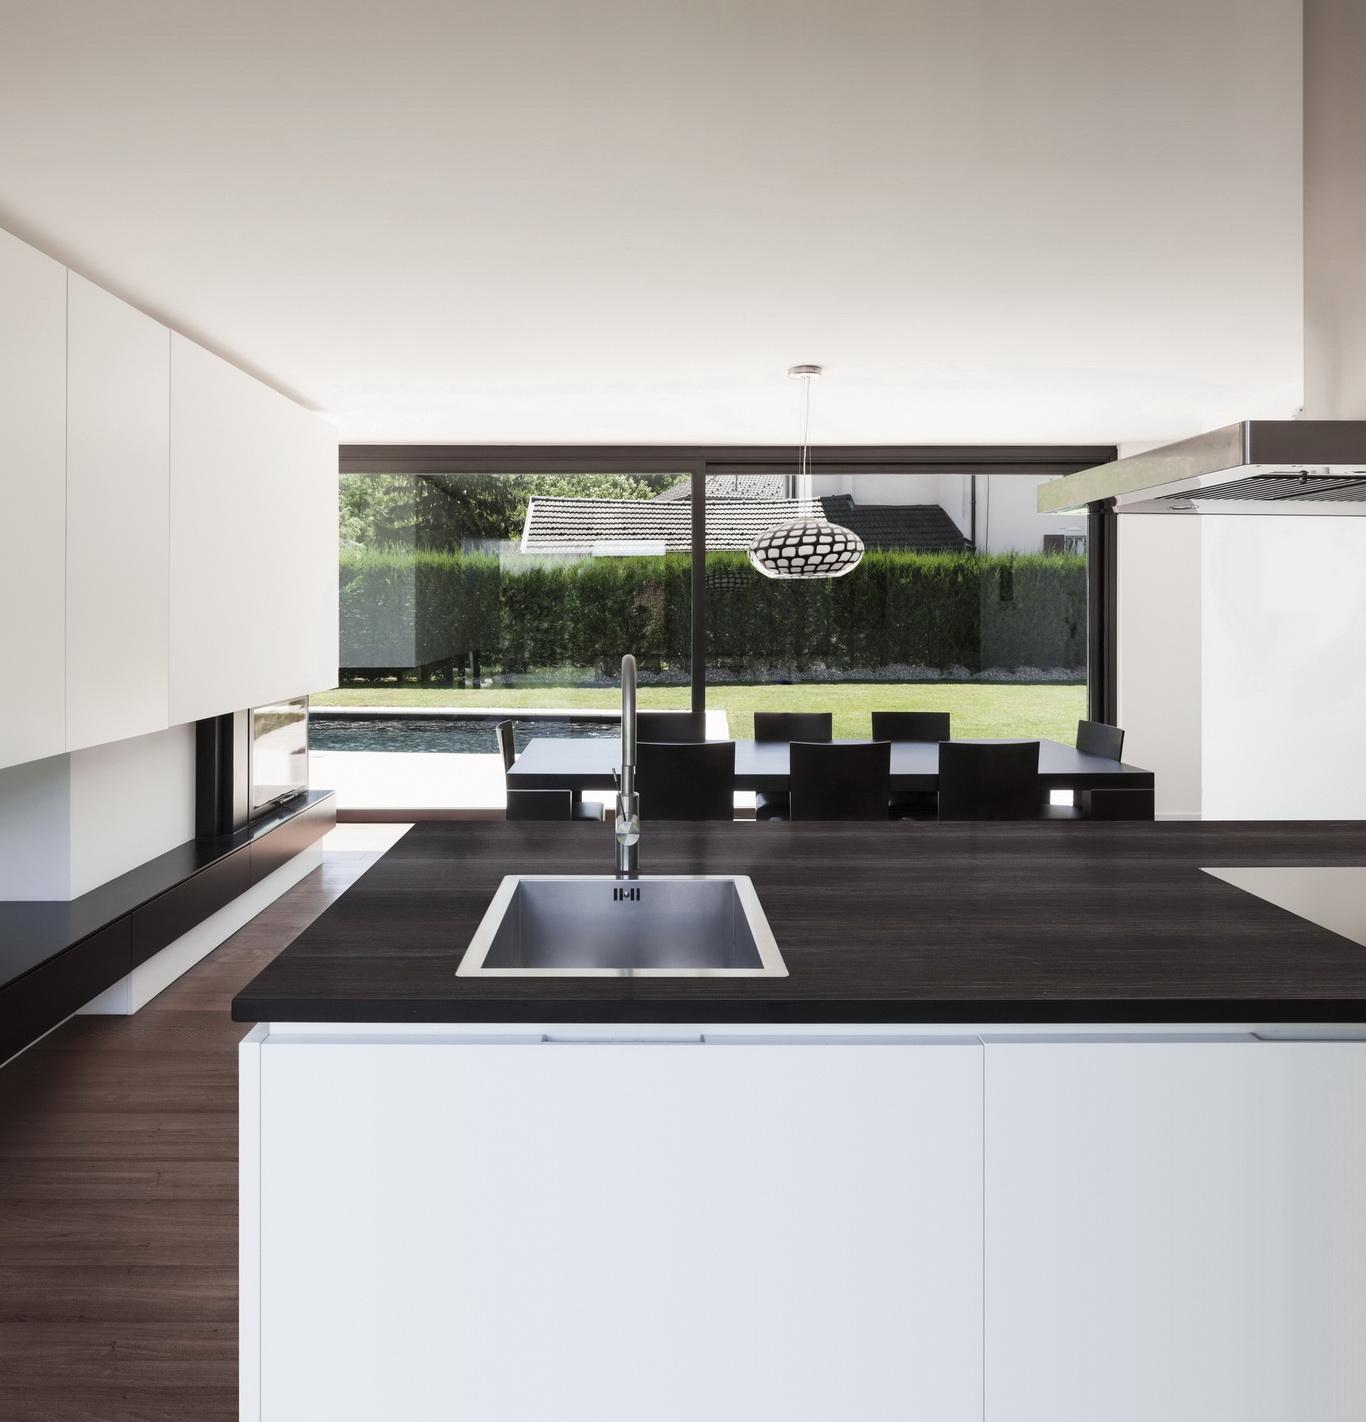 הדמית מטבח מודרני עם משטח דקטון חום